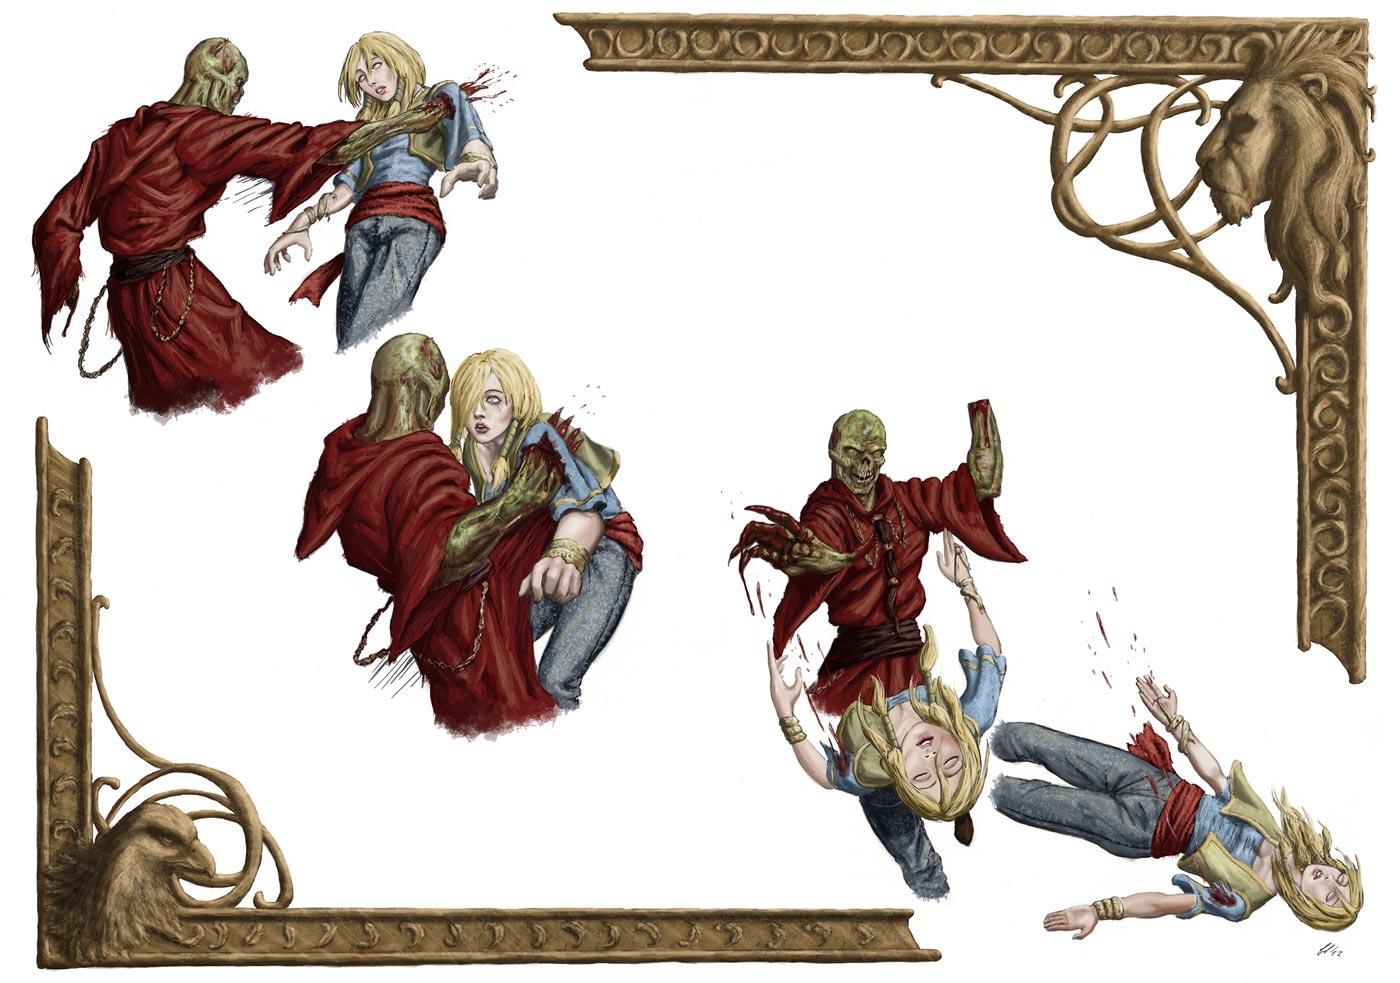 Immagine della ferita di Nayla - Illustrazione fantasy tratta da Altèra - Le Cronache dei 5 Regni - Elvio Ravasio, autore di libri fantasy